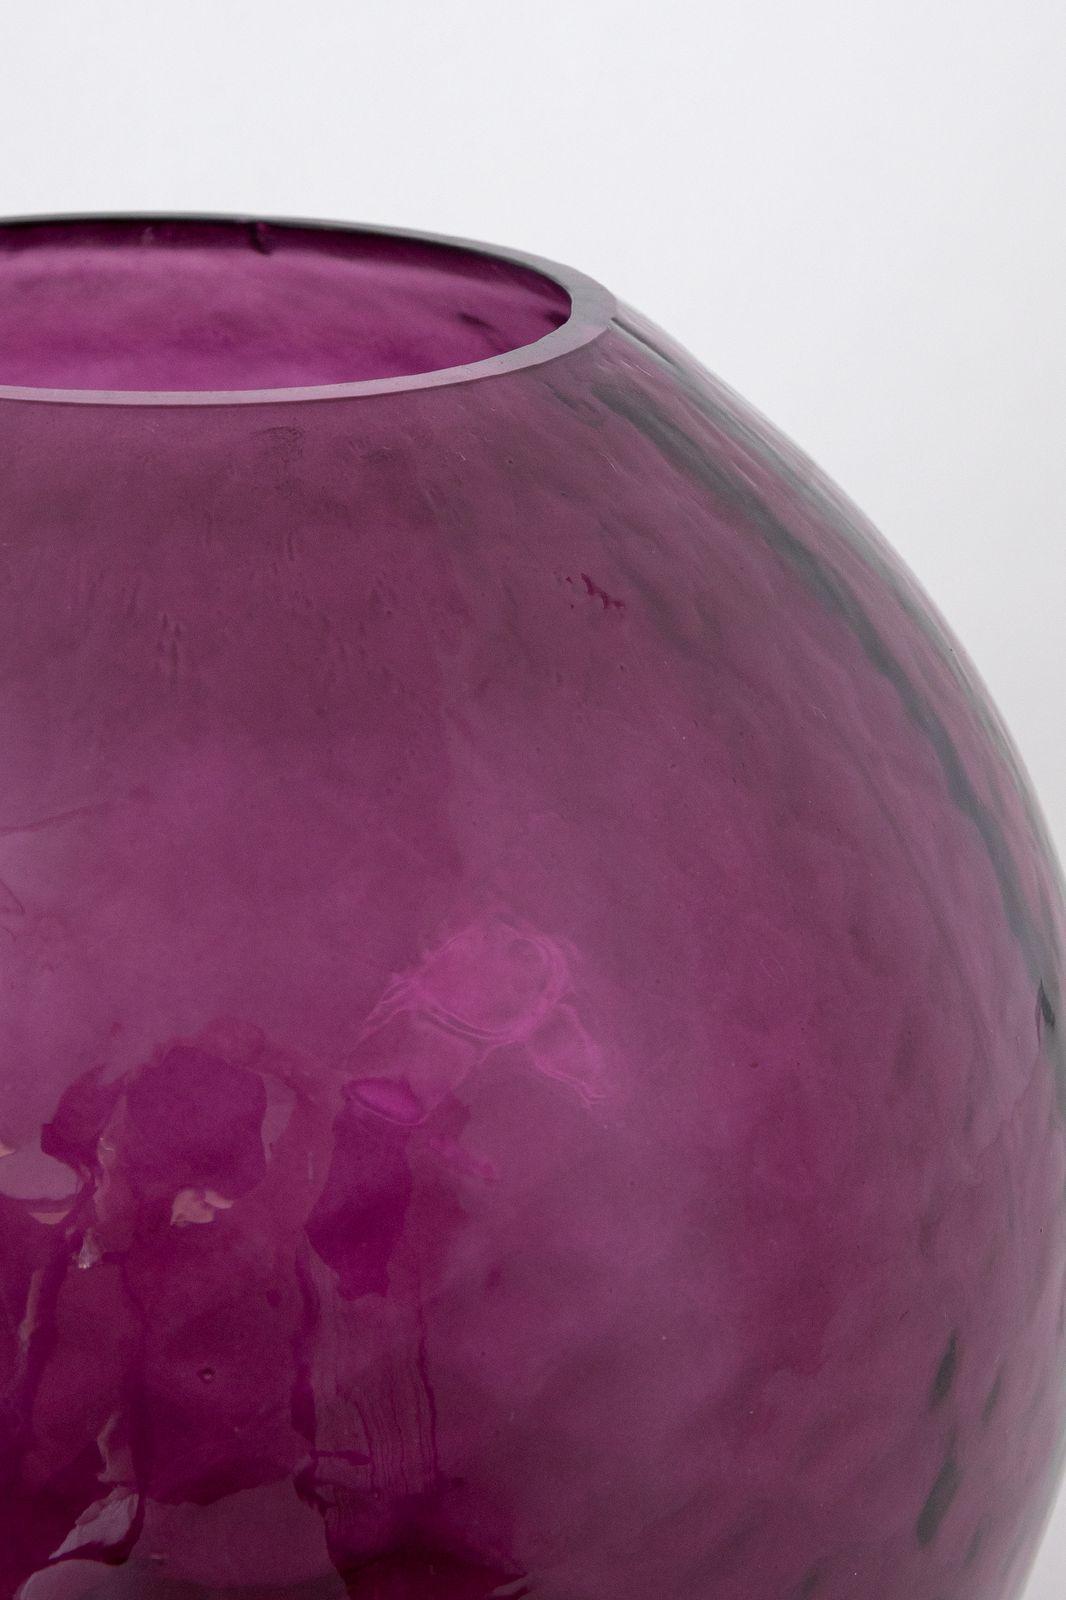 Paarse bolvormige glazen vaas - Homeland   Sissy-Boy